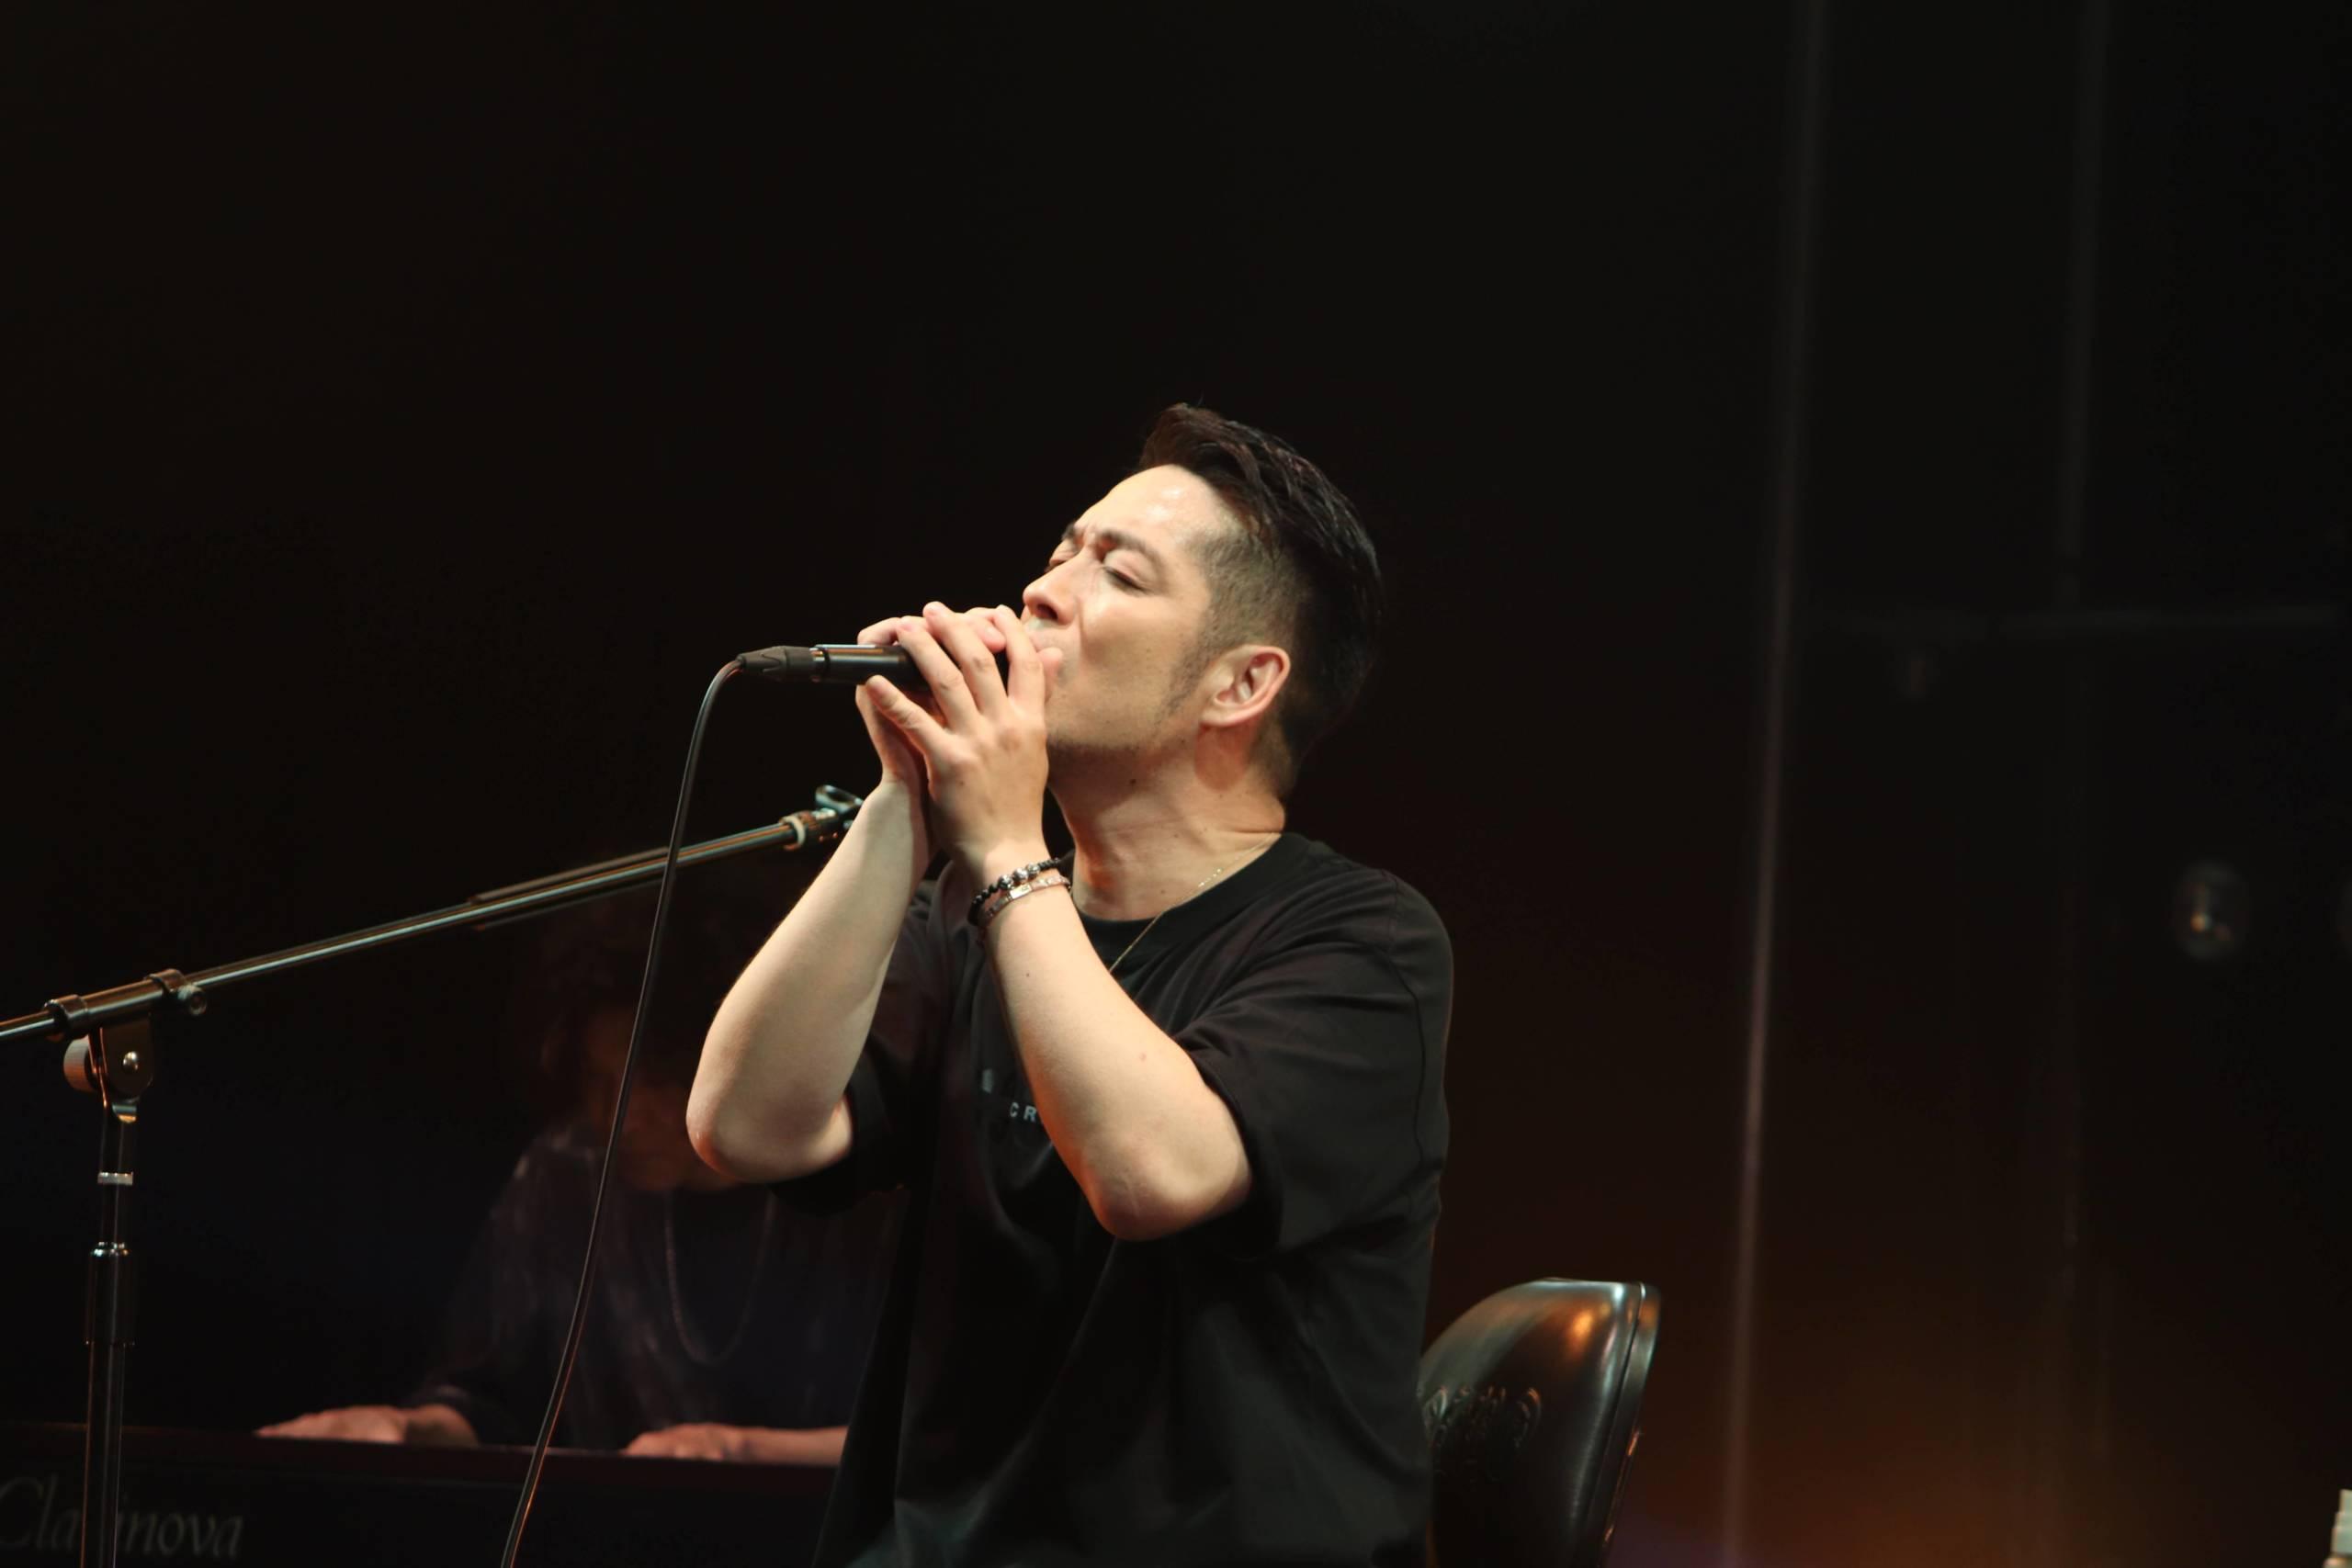 ロックアーティストとして歩んだ証と、ロックスターになるための歩み。デビュー20周年目前の清木場俊介、配信「ENLARGE BAR」ライブレポート!